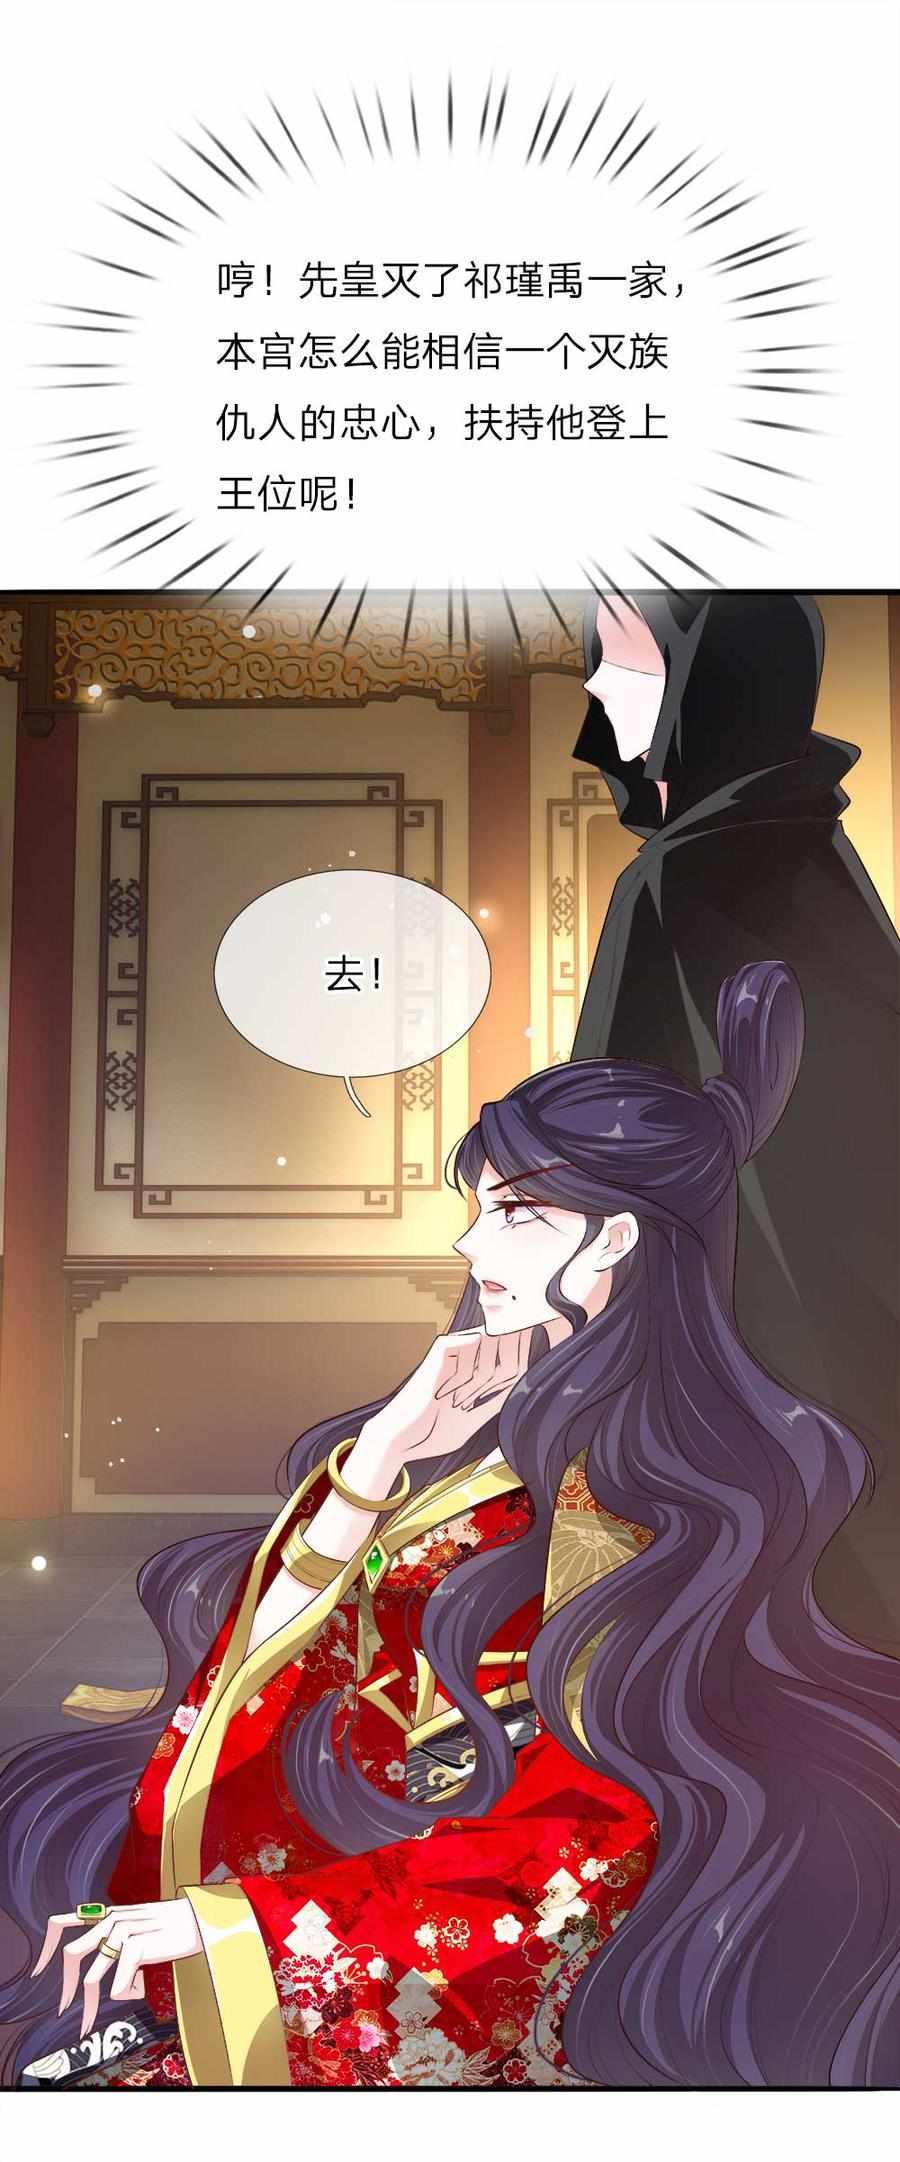 温柔暴君:摄政王爷太凶猛第17话  第17话 后母们的茶会 第 17